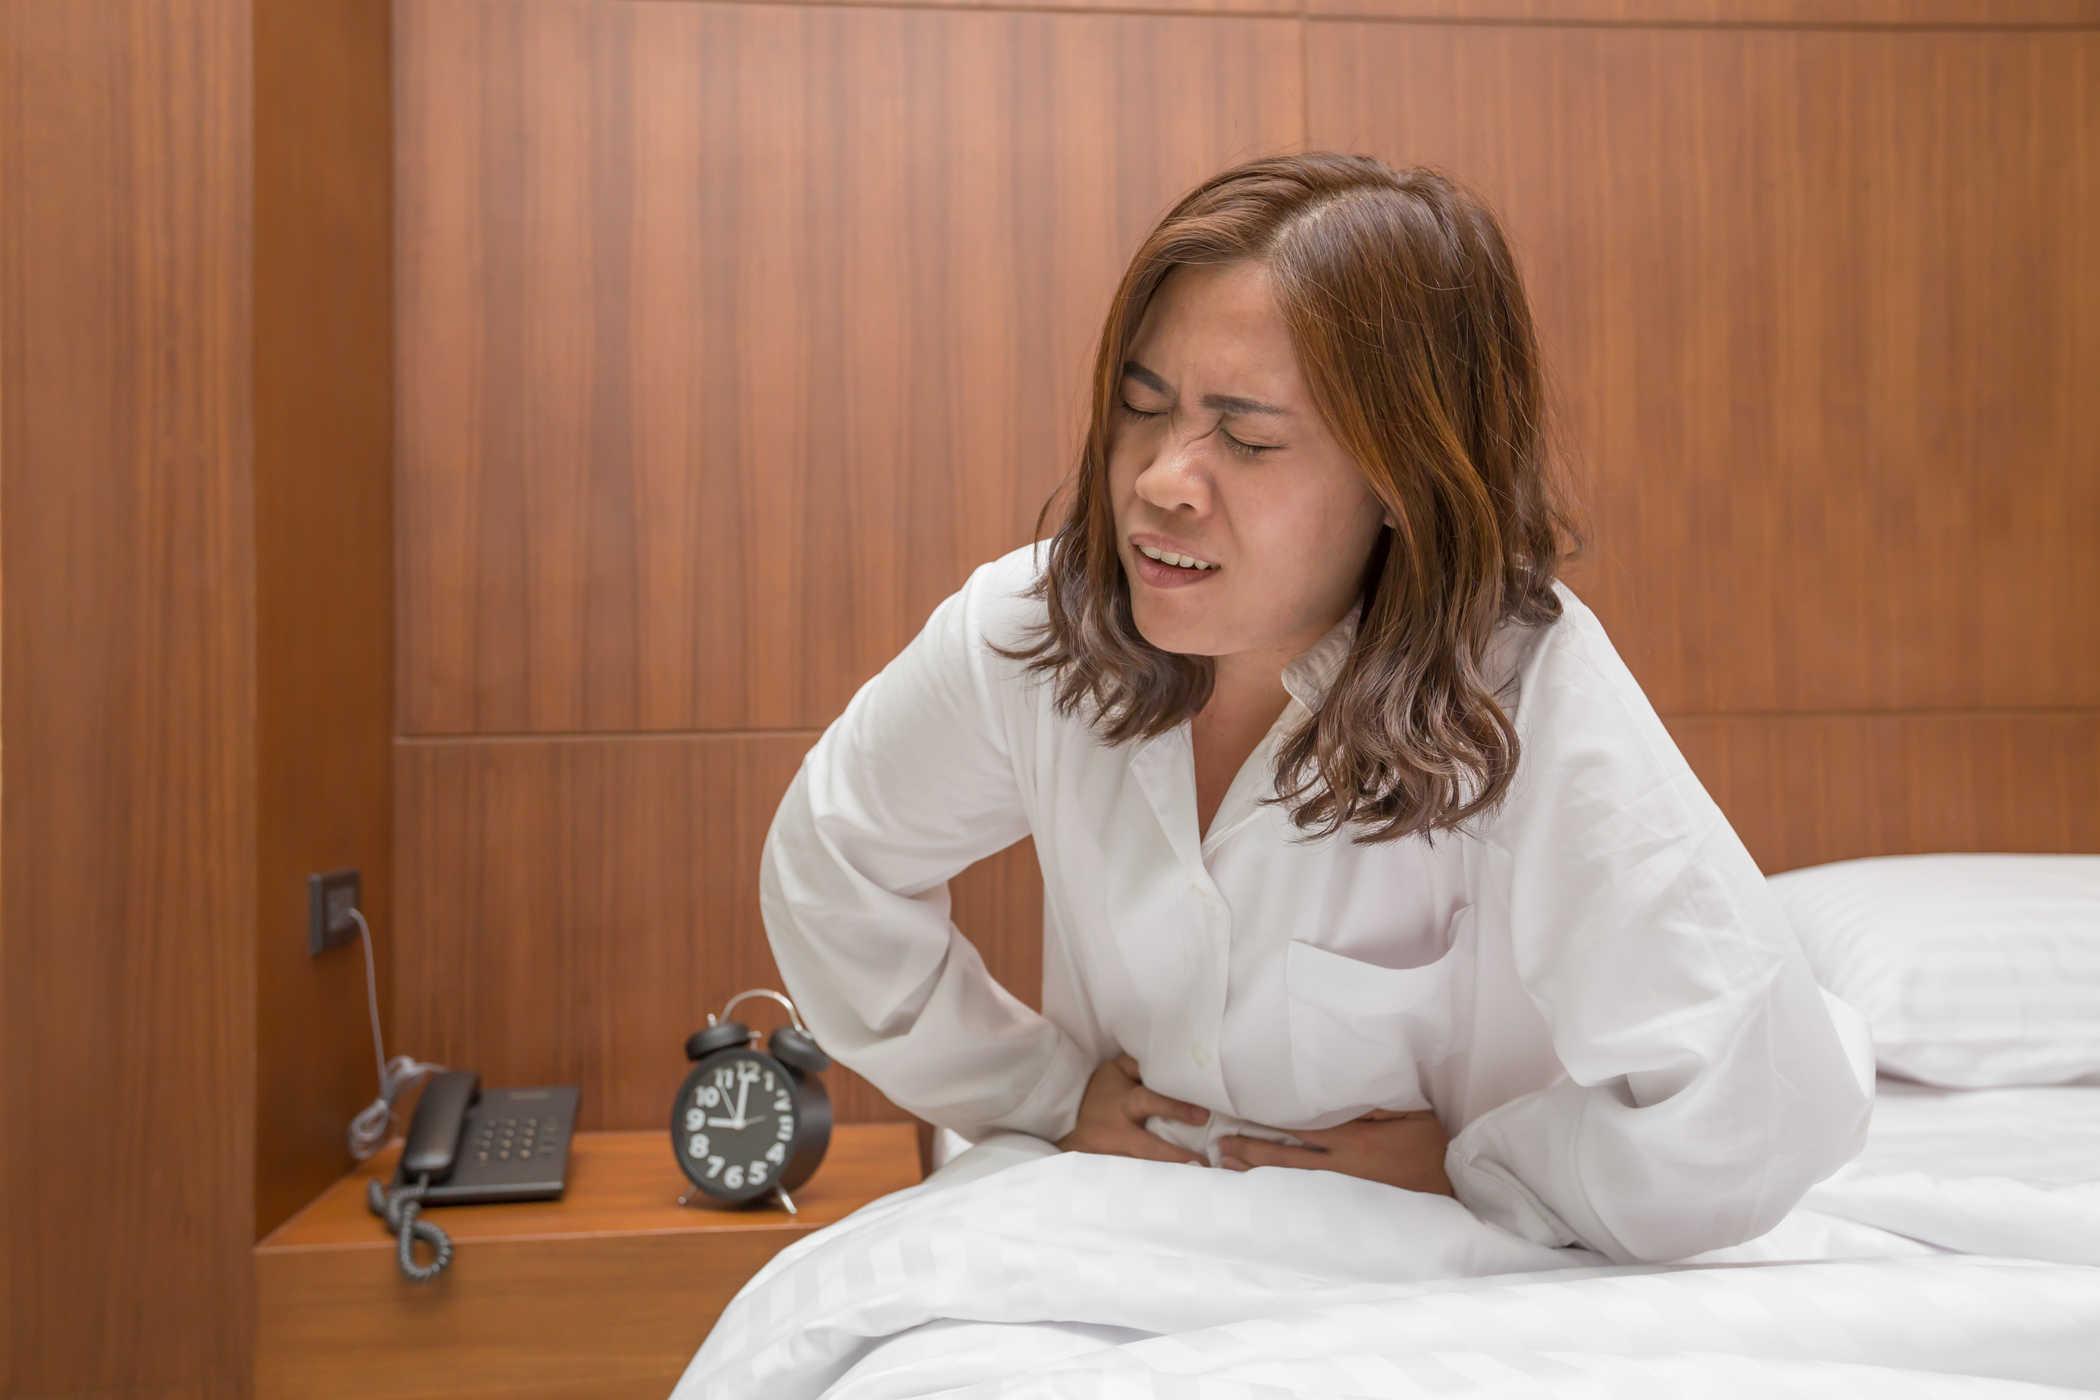 Cơn đau dữ dội khi bị viêm tụy cấp